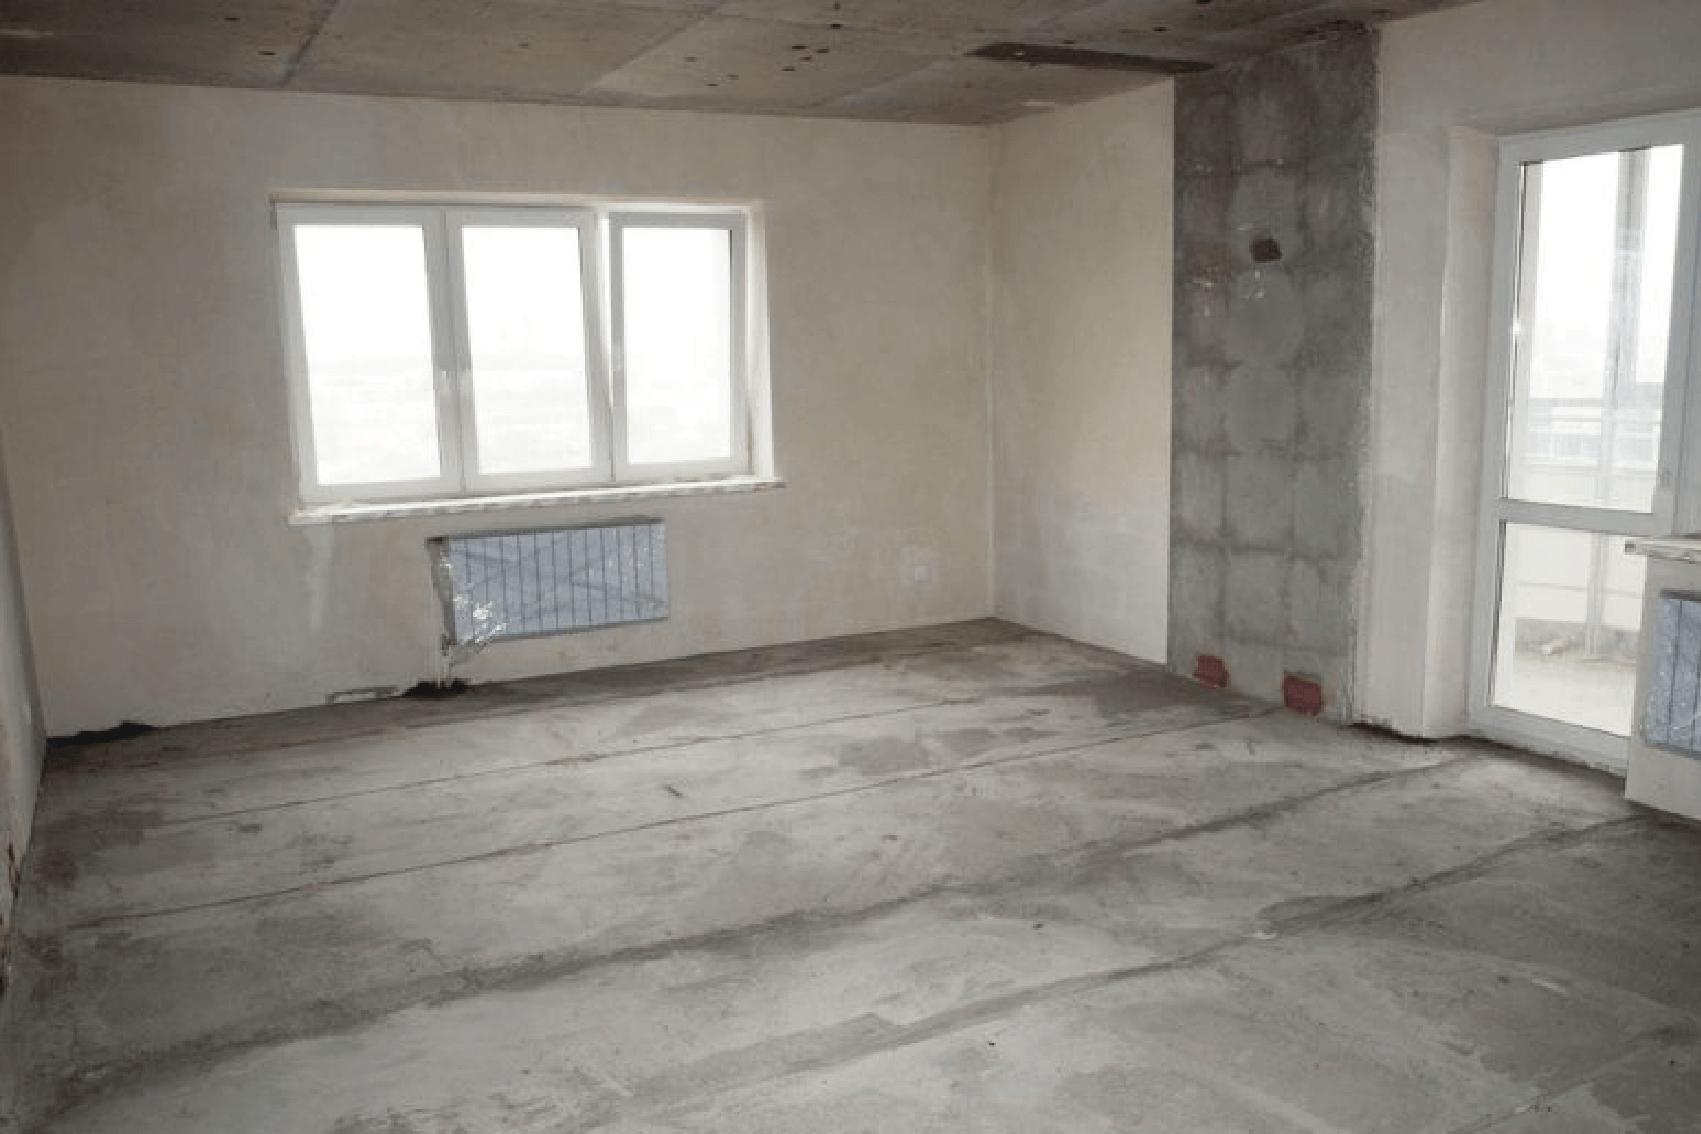 Ремонт квартир в Ставрополе - Ремонт офисов - Евроремонт